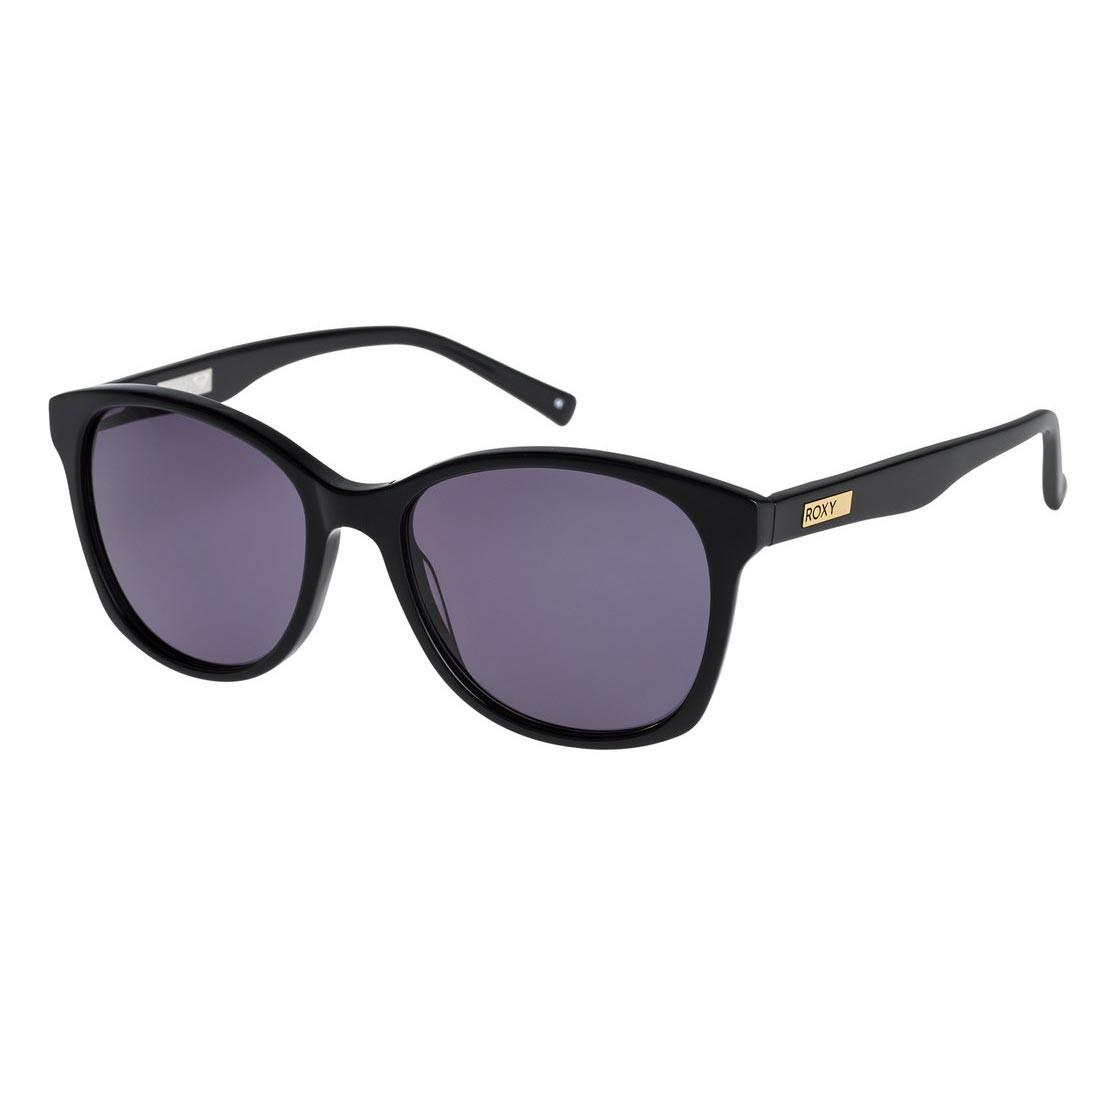 Sluneční brýle Roxy Thalia shiny black